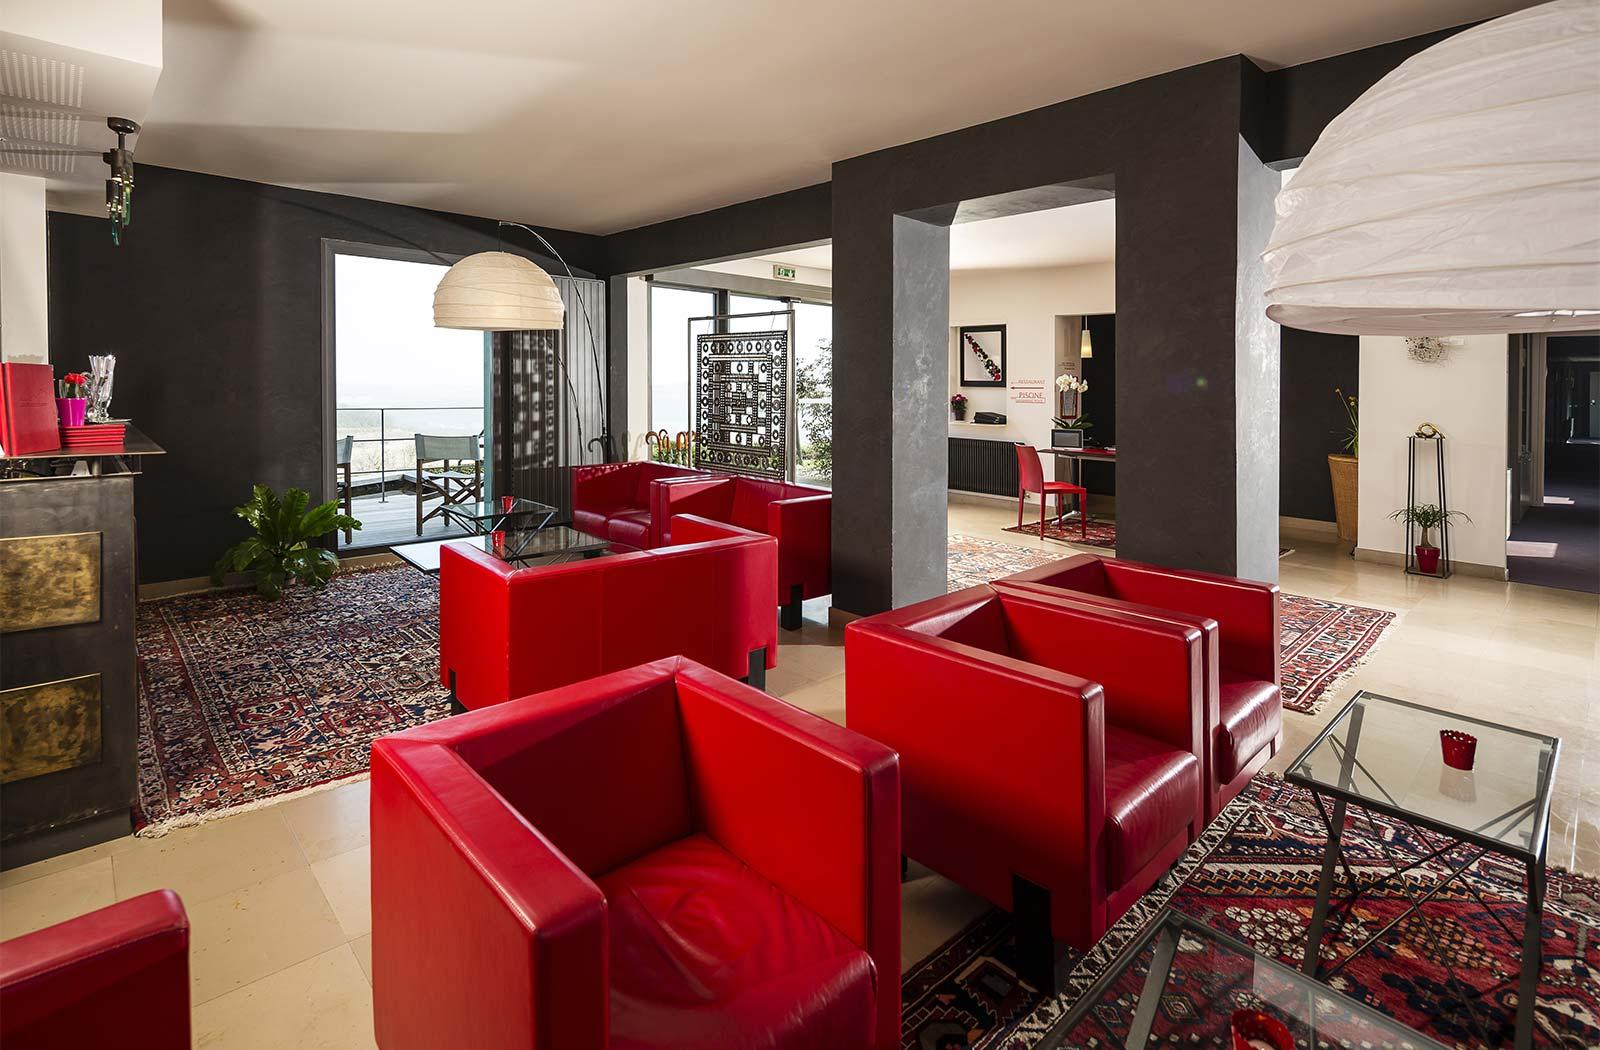 Hall d'accueil de l'hôtel-restaurant La Montagne de Brancion entre Tournus et Cluny